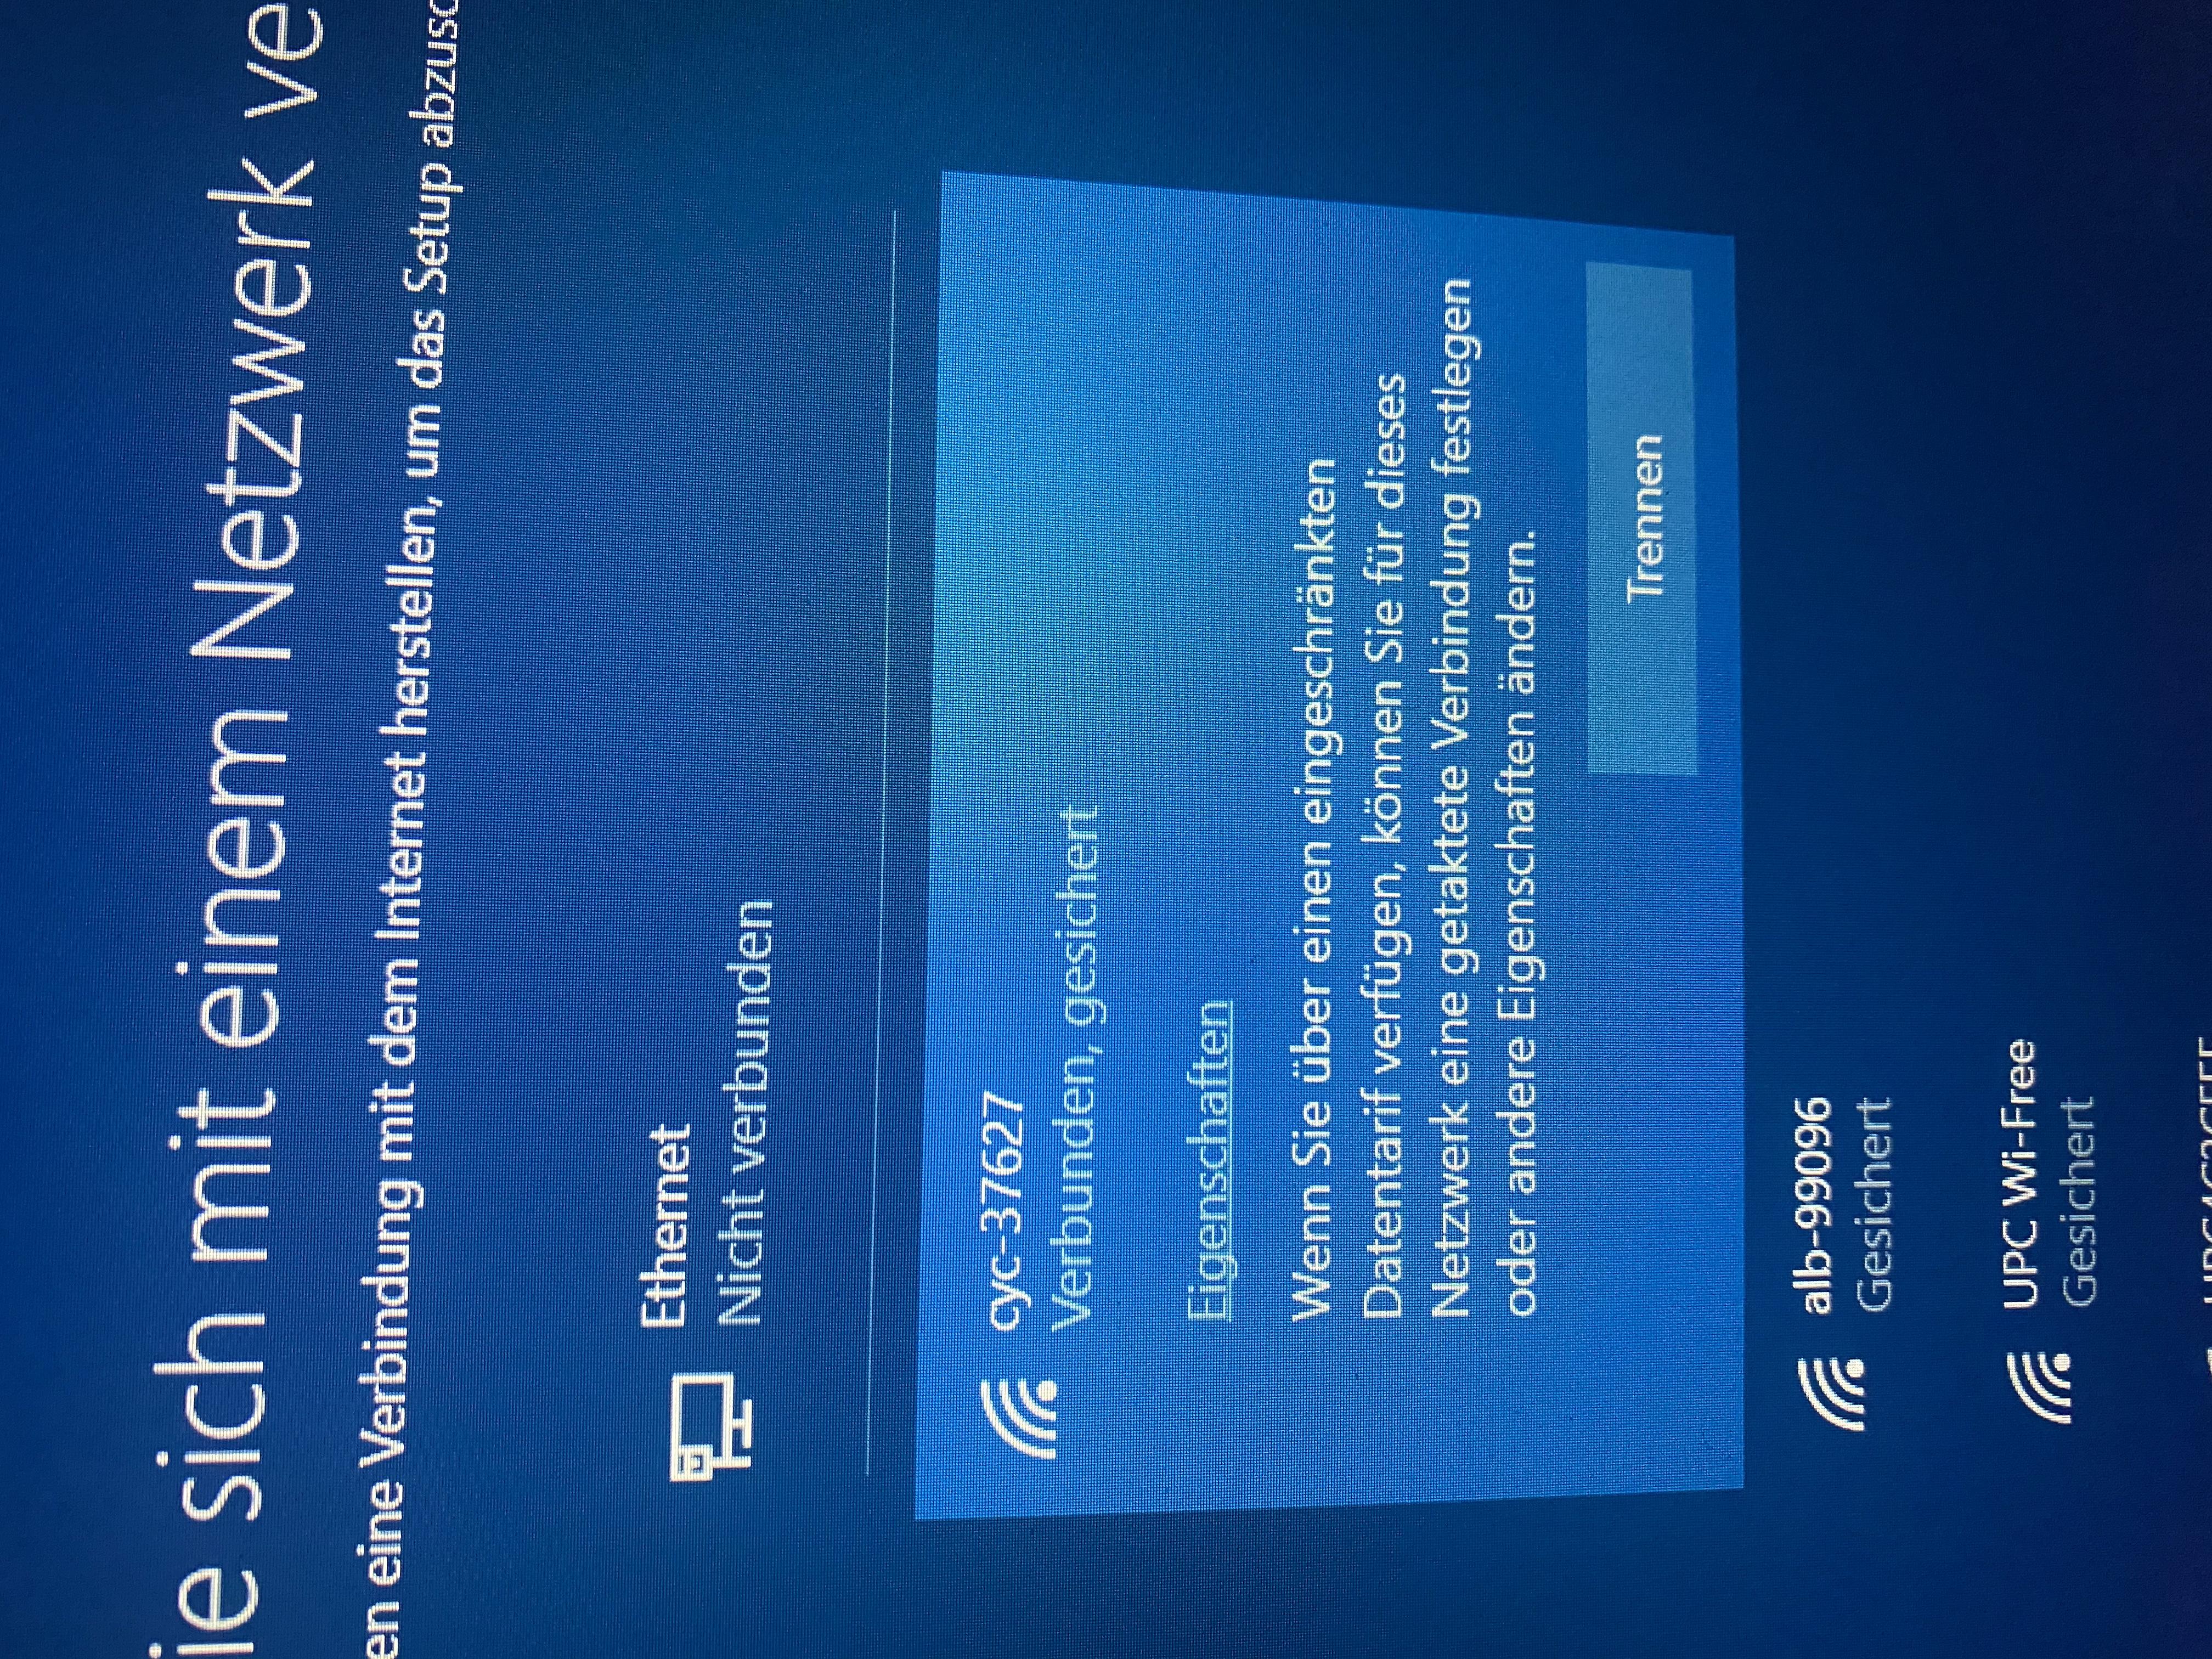 laptop neu aufgesetzt. Nun keine Verbindung zu Windows möglich